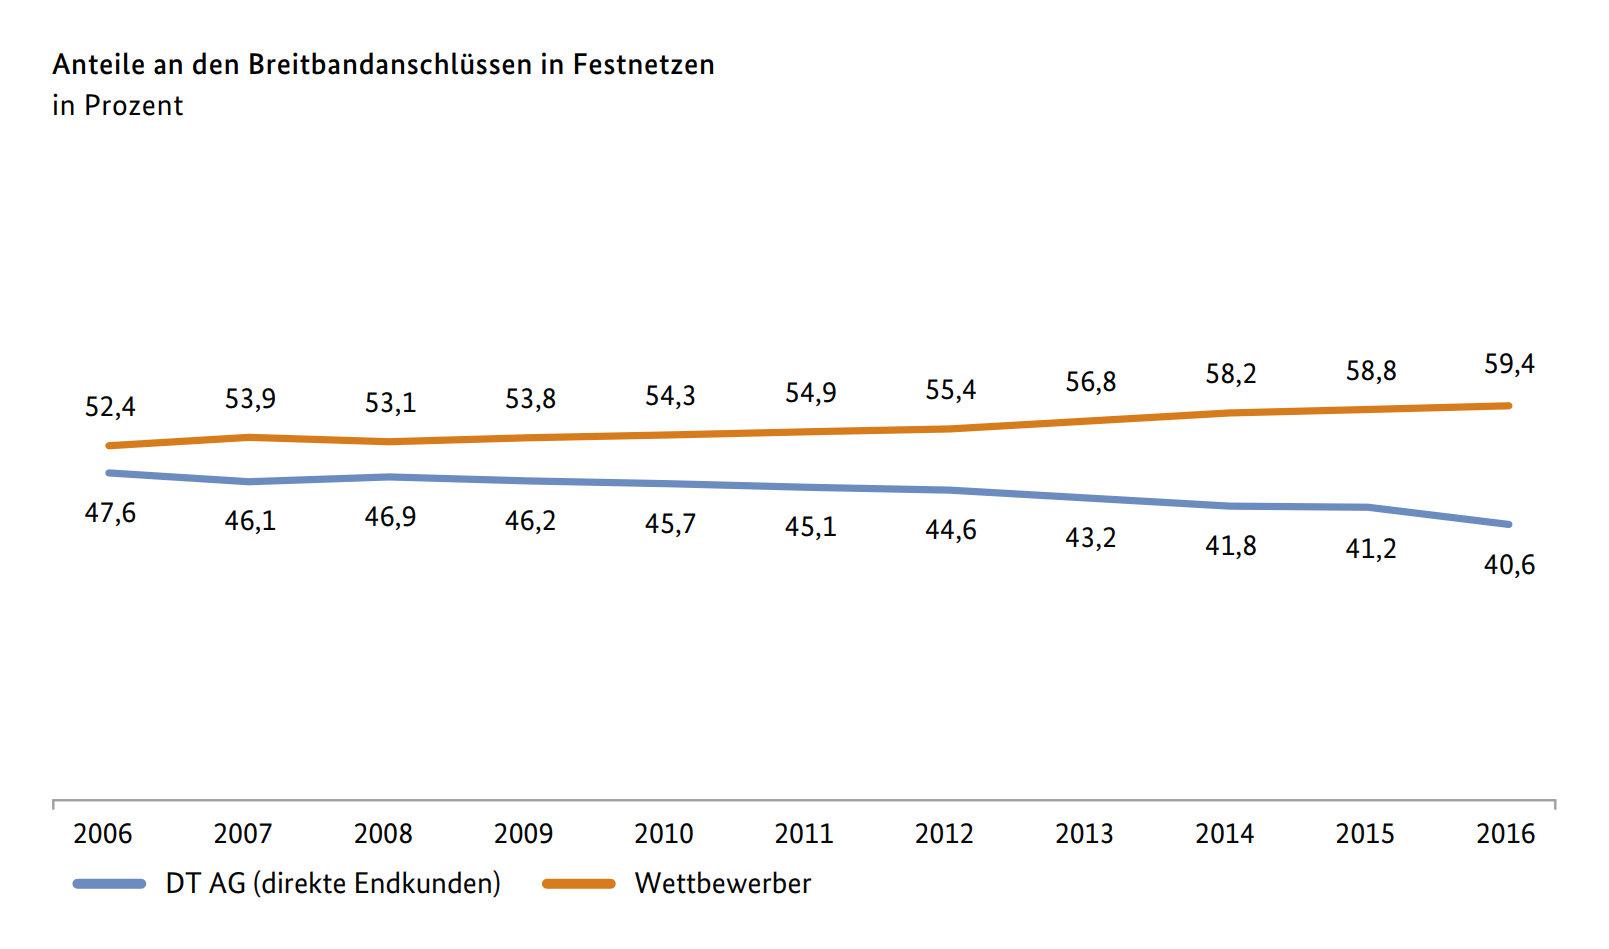 Anteil der Breitbandanschlüsse für DT AG und Wettbewerber